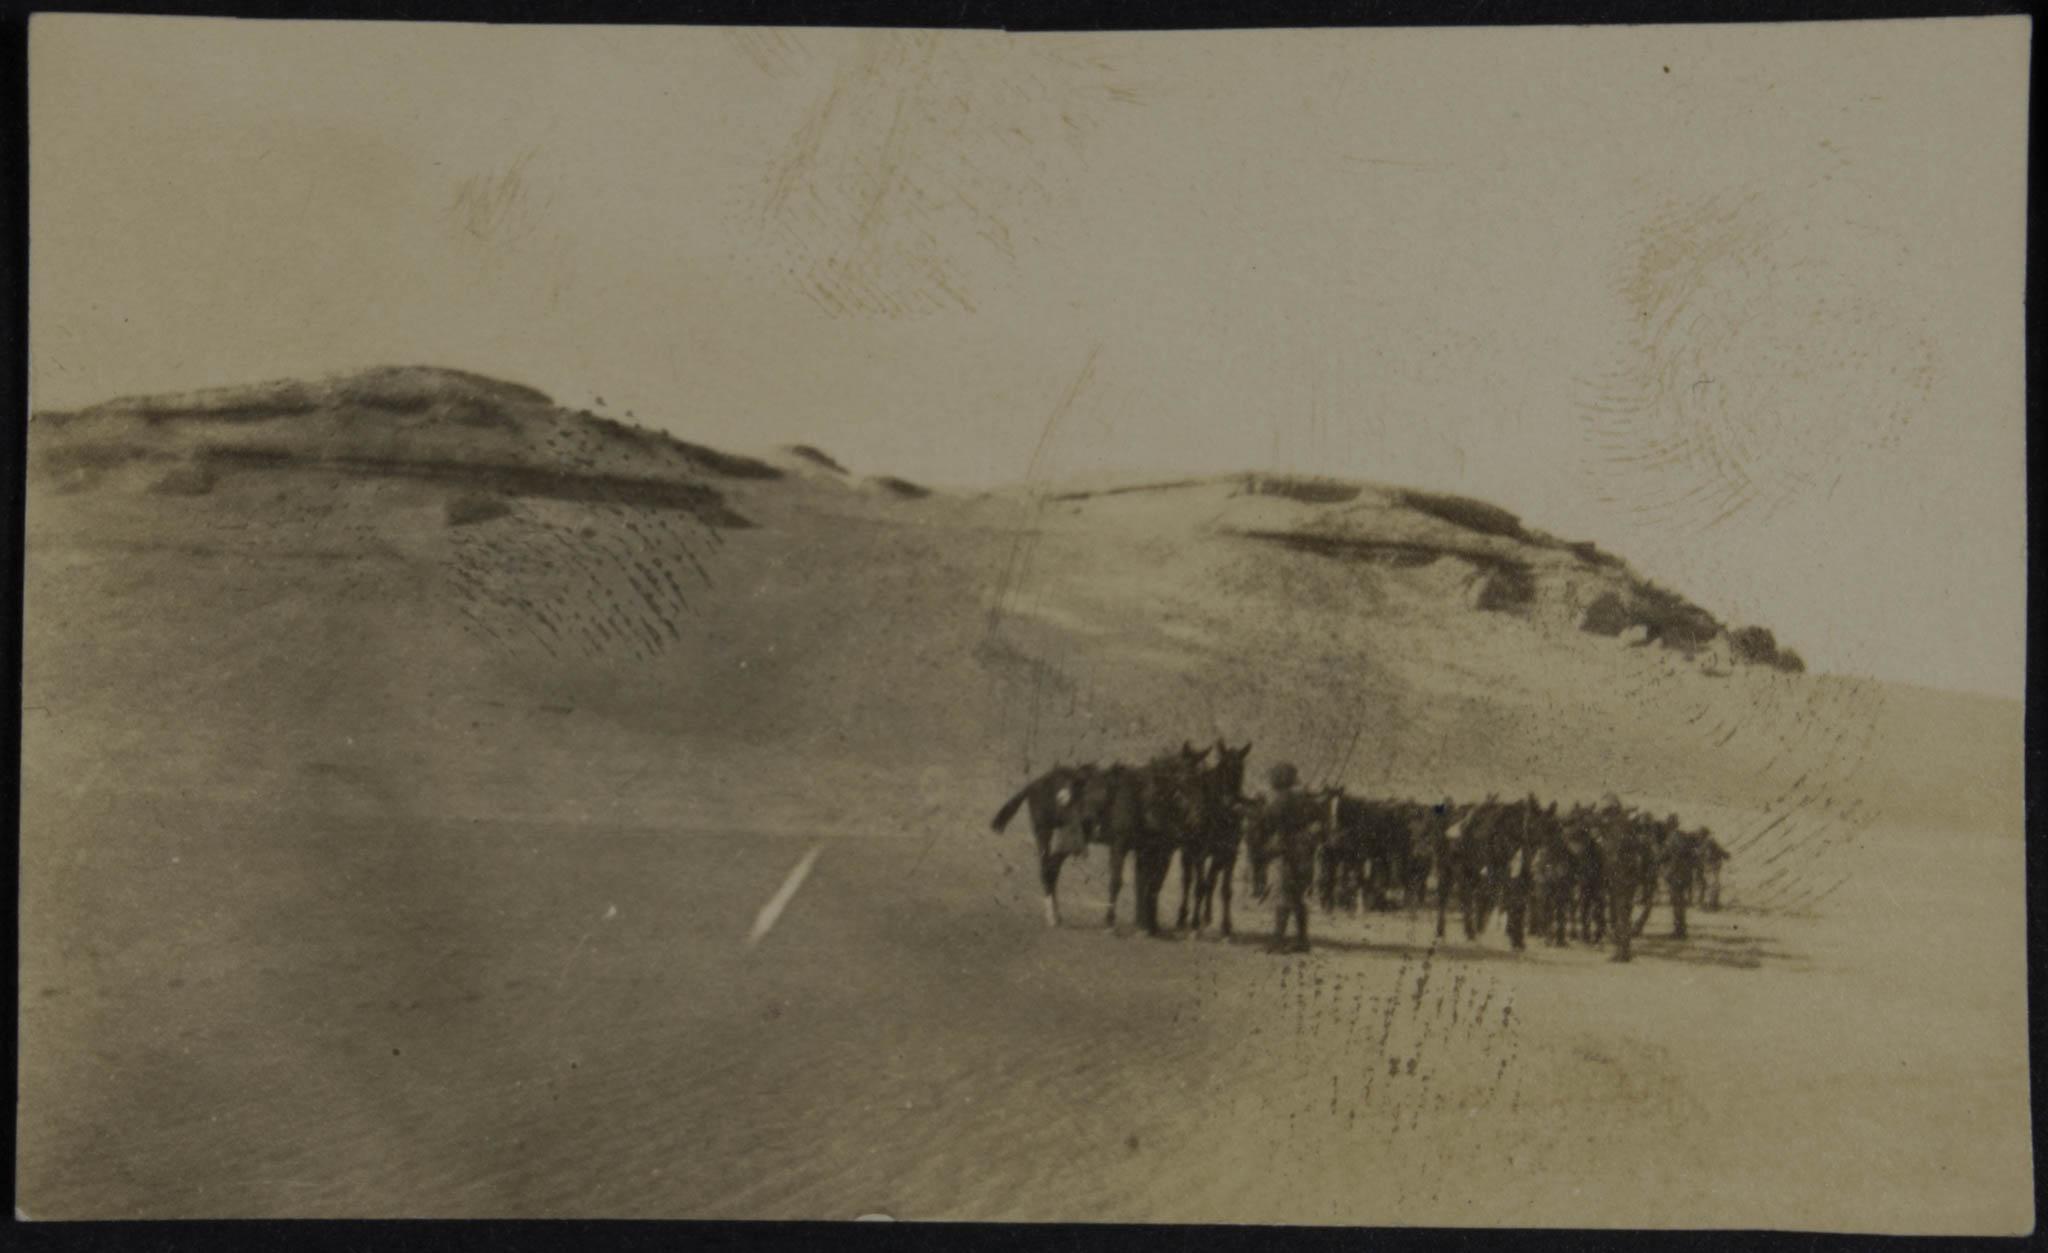 Soldados no deserto